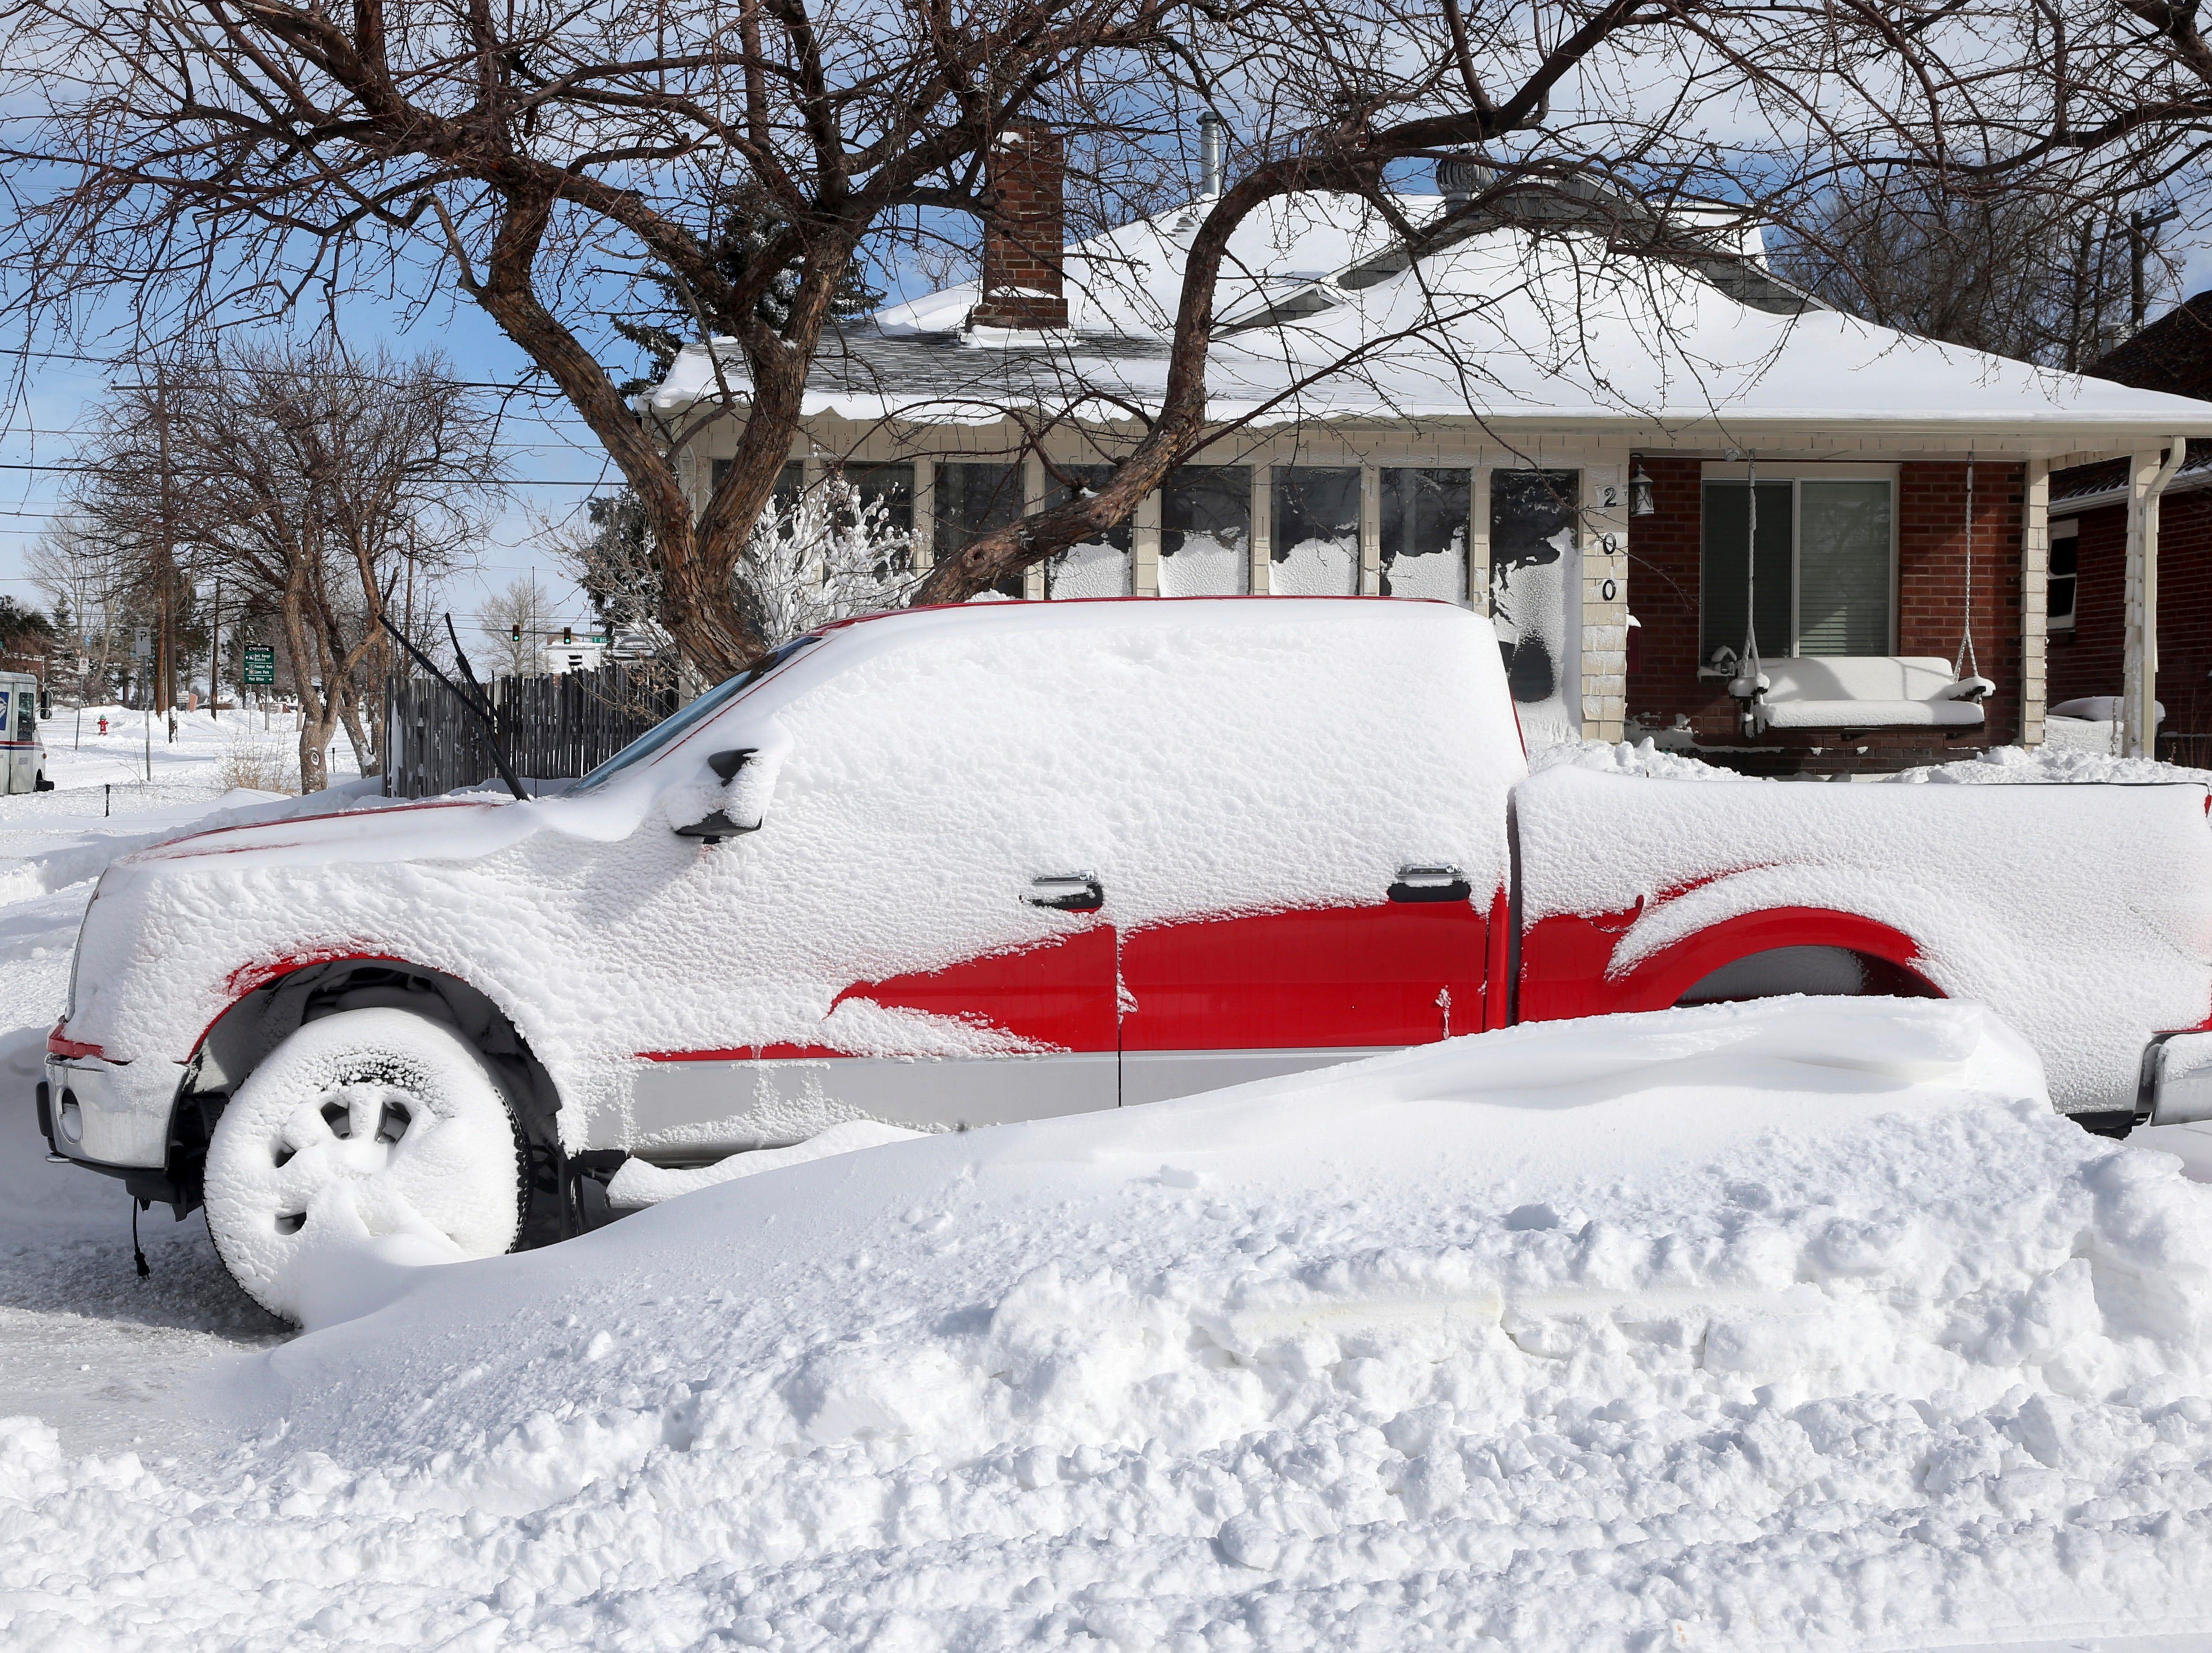 Después de una tormenta de nieve el jueves 14 de marzo de 2019, en Cheyenne, Wyo, una nevada llega a la parte superior de la rueda de un camión. Partes de Colorado y Wyoming permanecen paralizadas como consecuencia de una gran ventisca de fines de invierno que se extendió por los dos estados antes de entrar en el medio oeste.